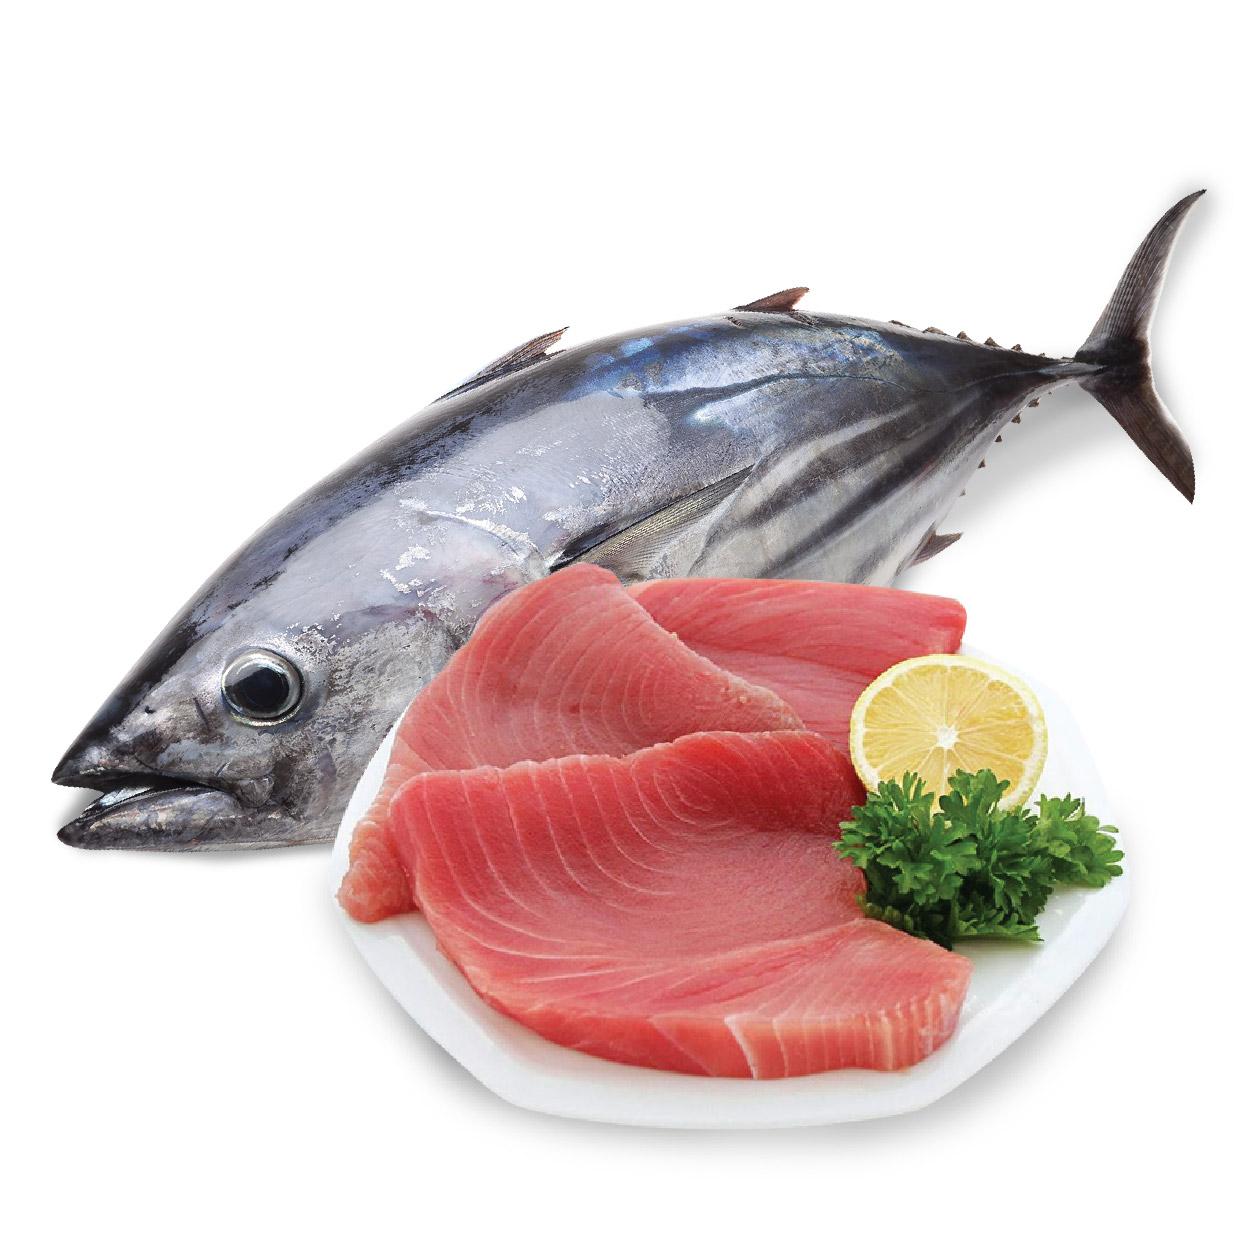 Mắt cá ngừ đại dương và các món ăn từ cá ngừ là đặc sản hải sản ngon Phú Yên không thể bỏ qua